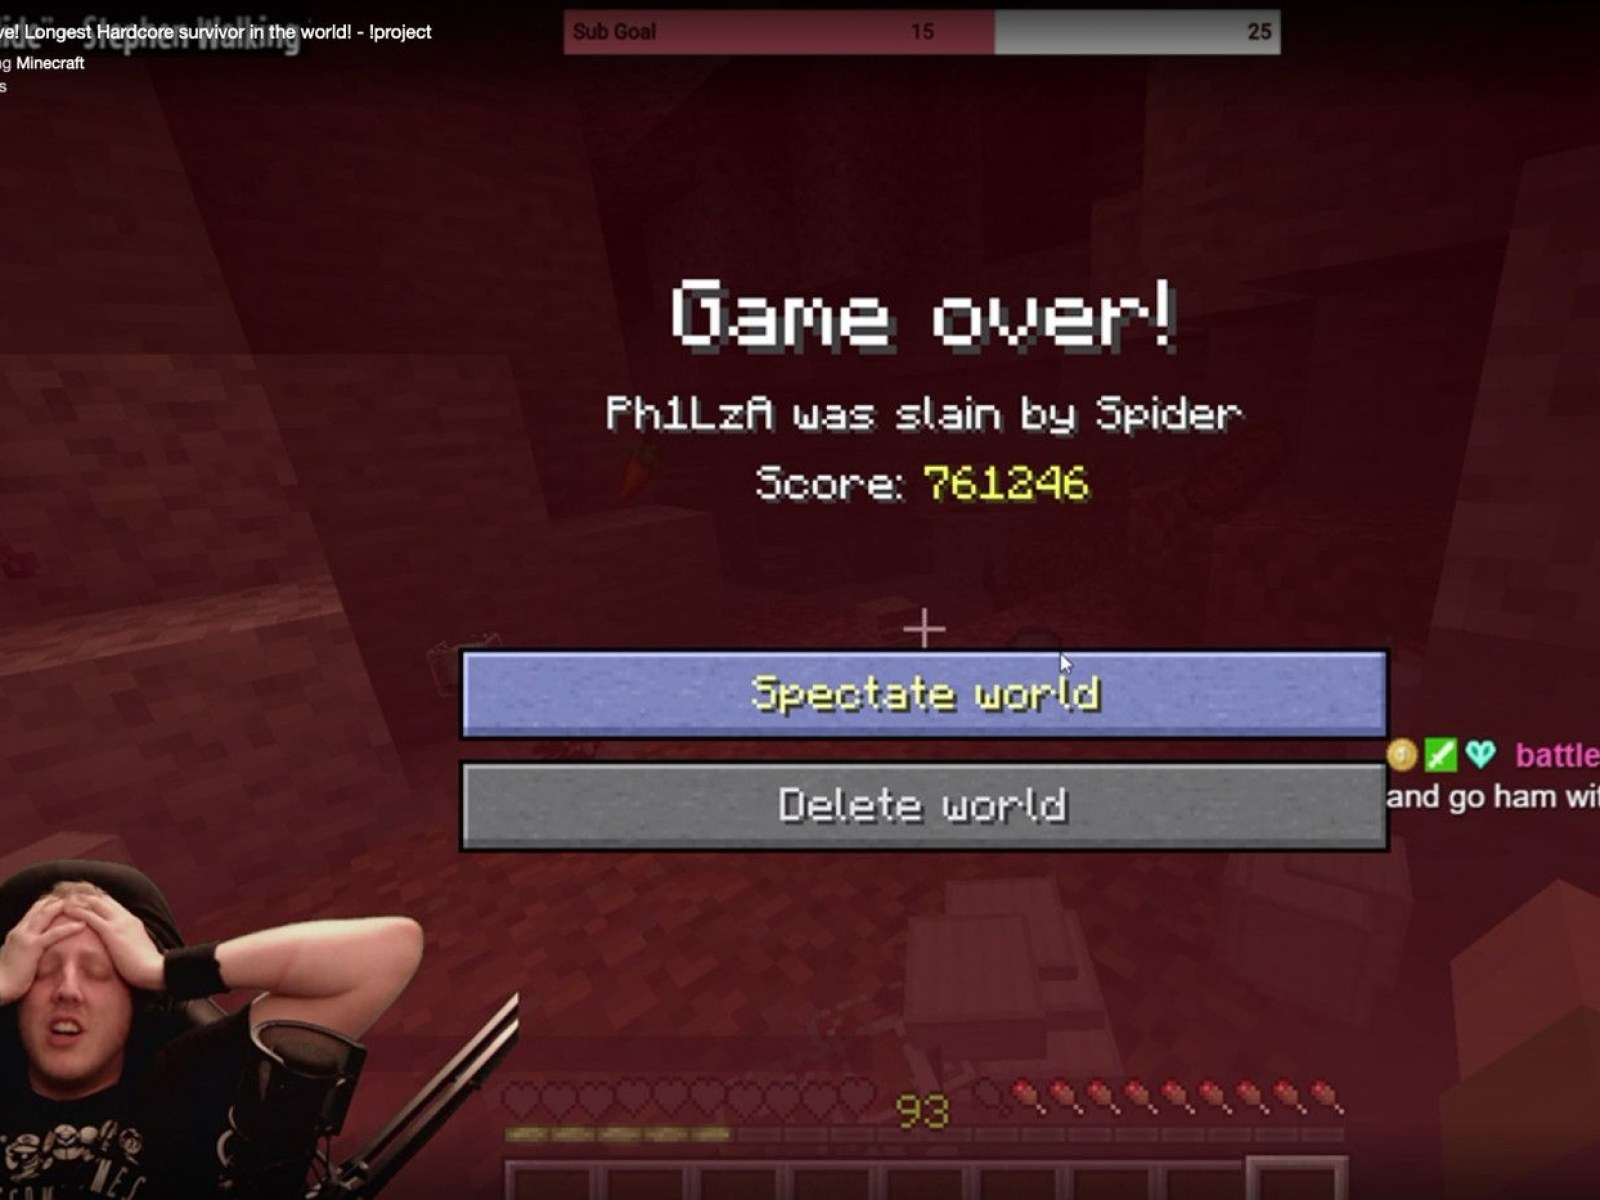 Minecraft Hardcore Streamer Philza Loses His 5 Year Run In